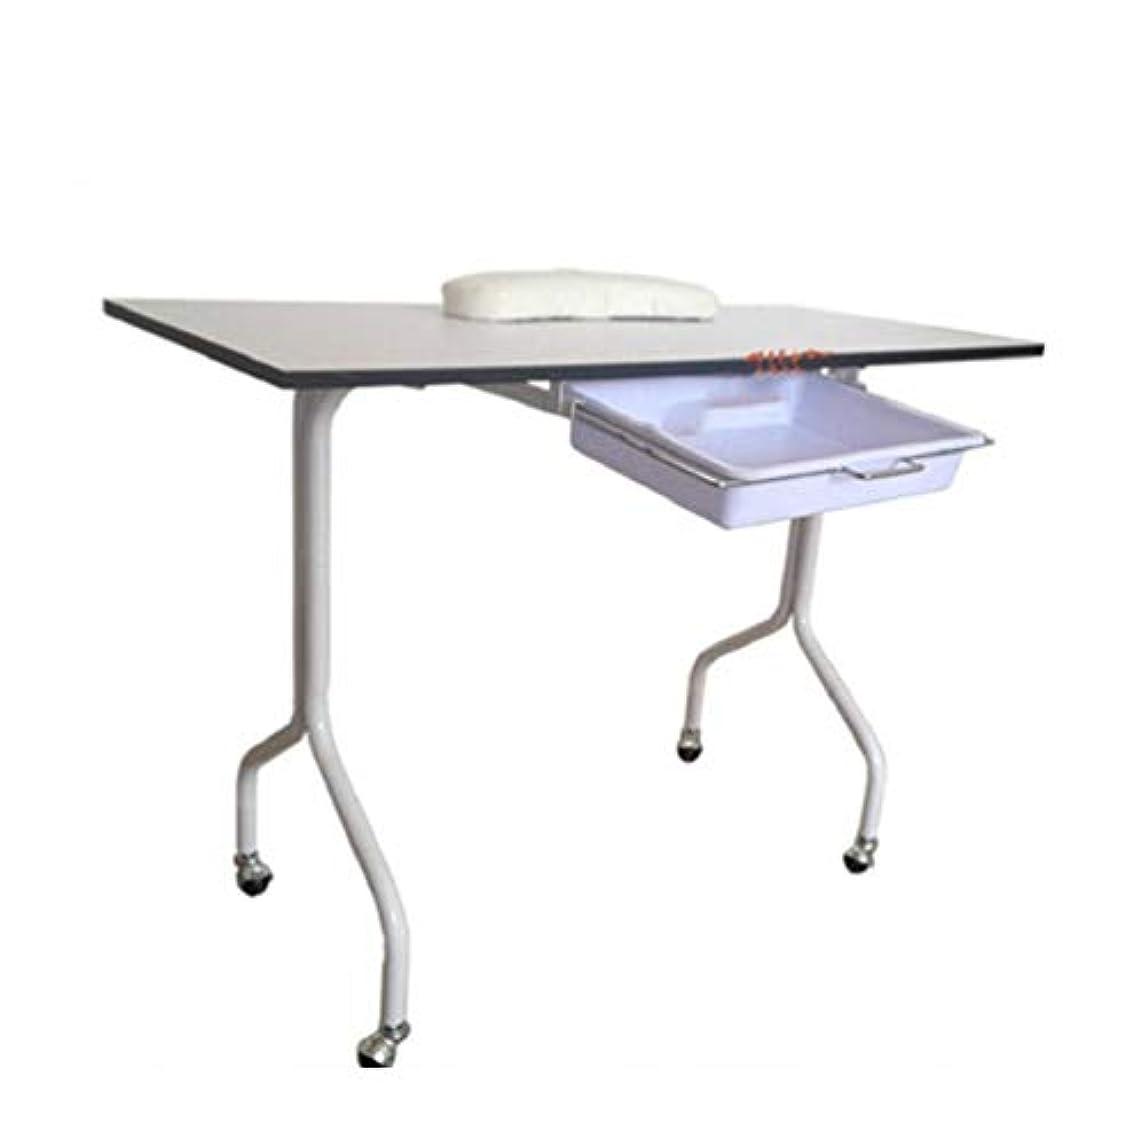 温室信仰しなやかなネイルテーブルポータブルマニキュアテーブルベントネイルデスクワークステーションサロンスパネイルリストレストアートビューティーサロンツール